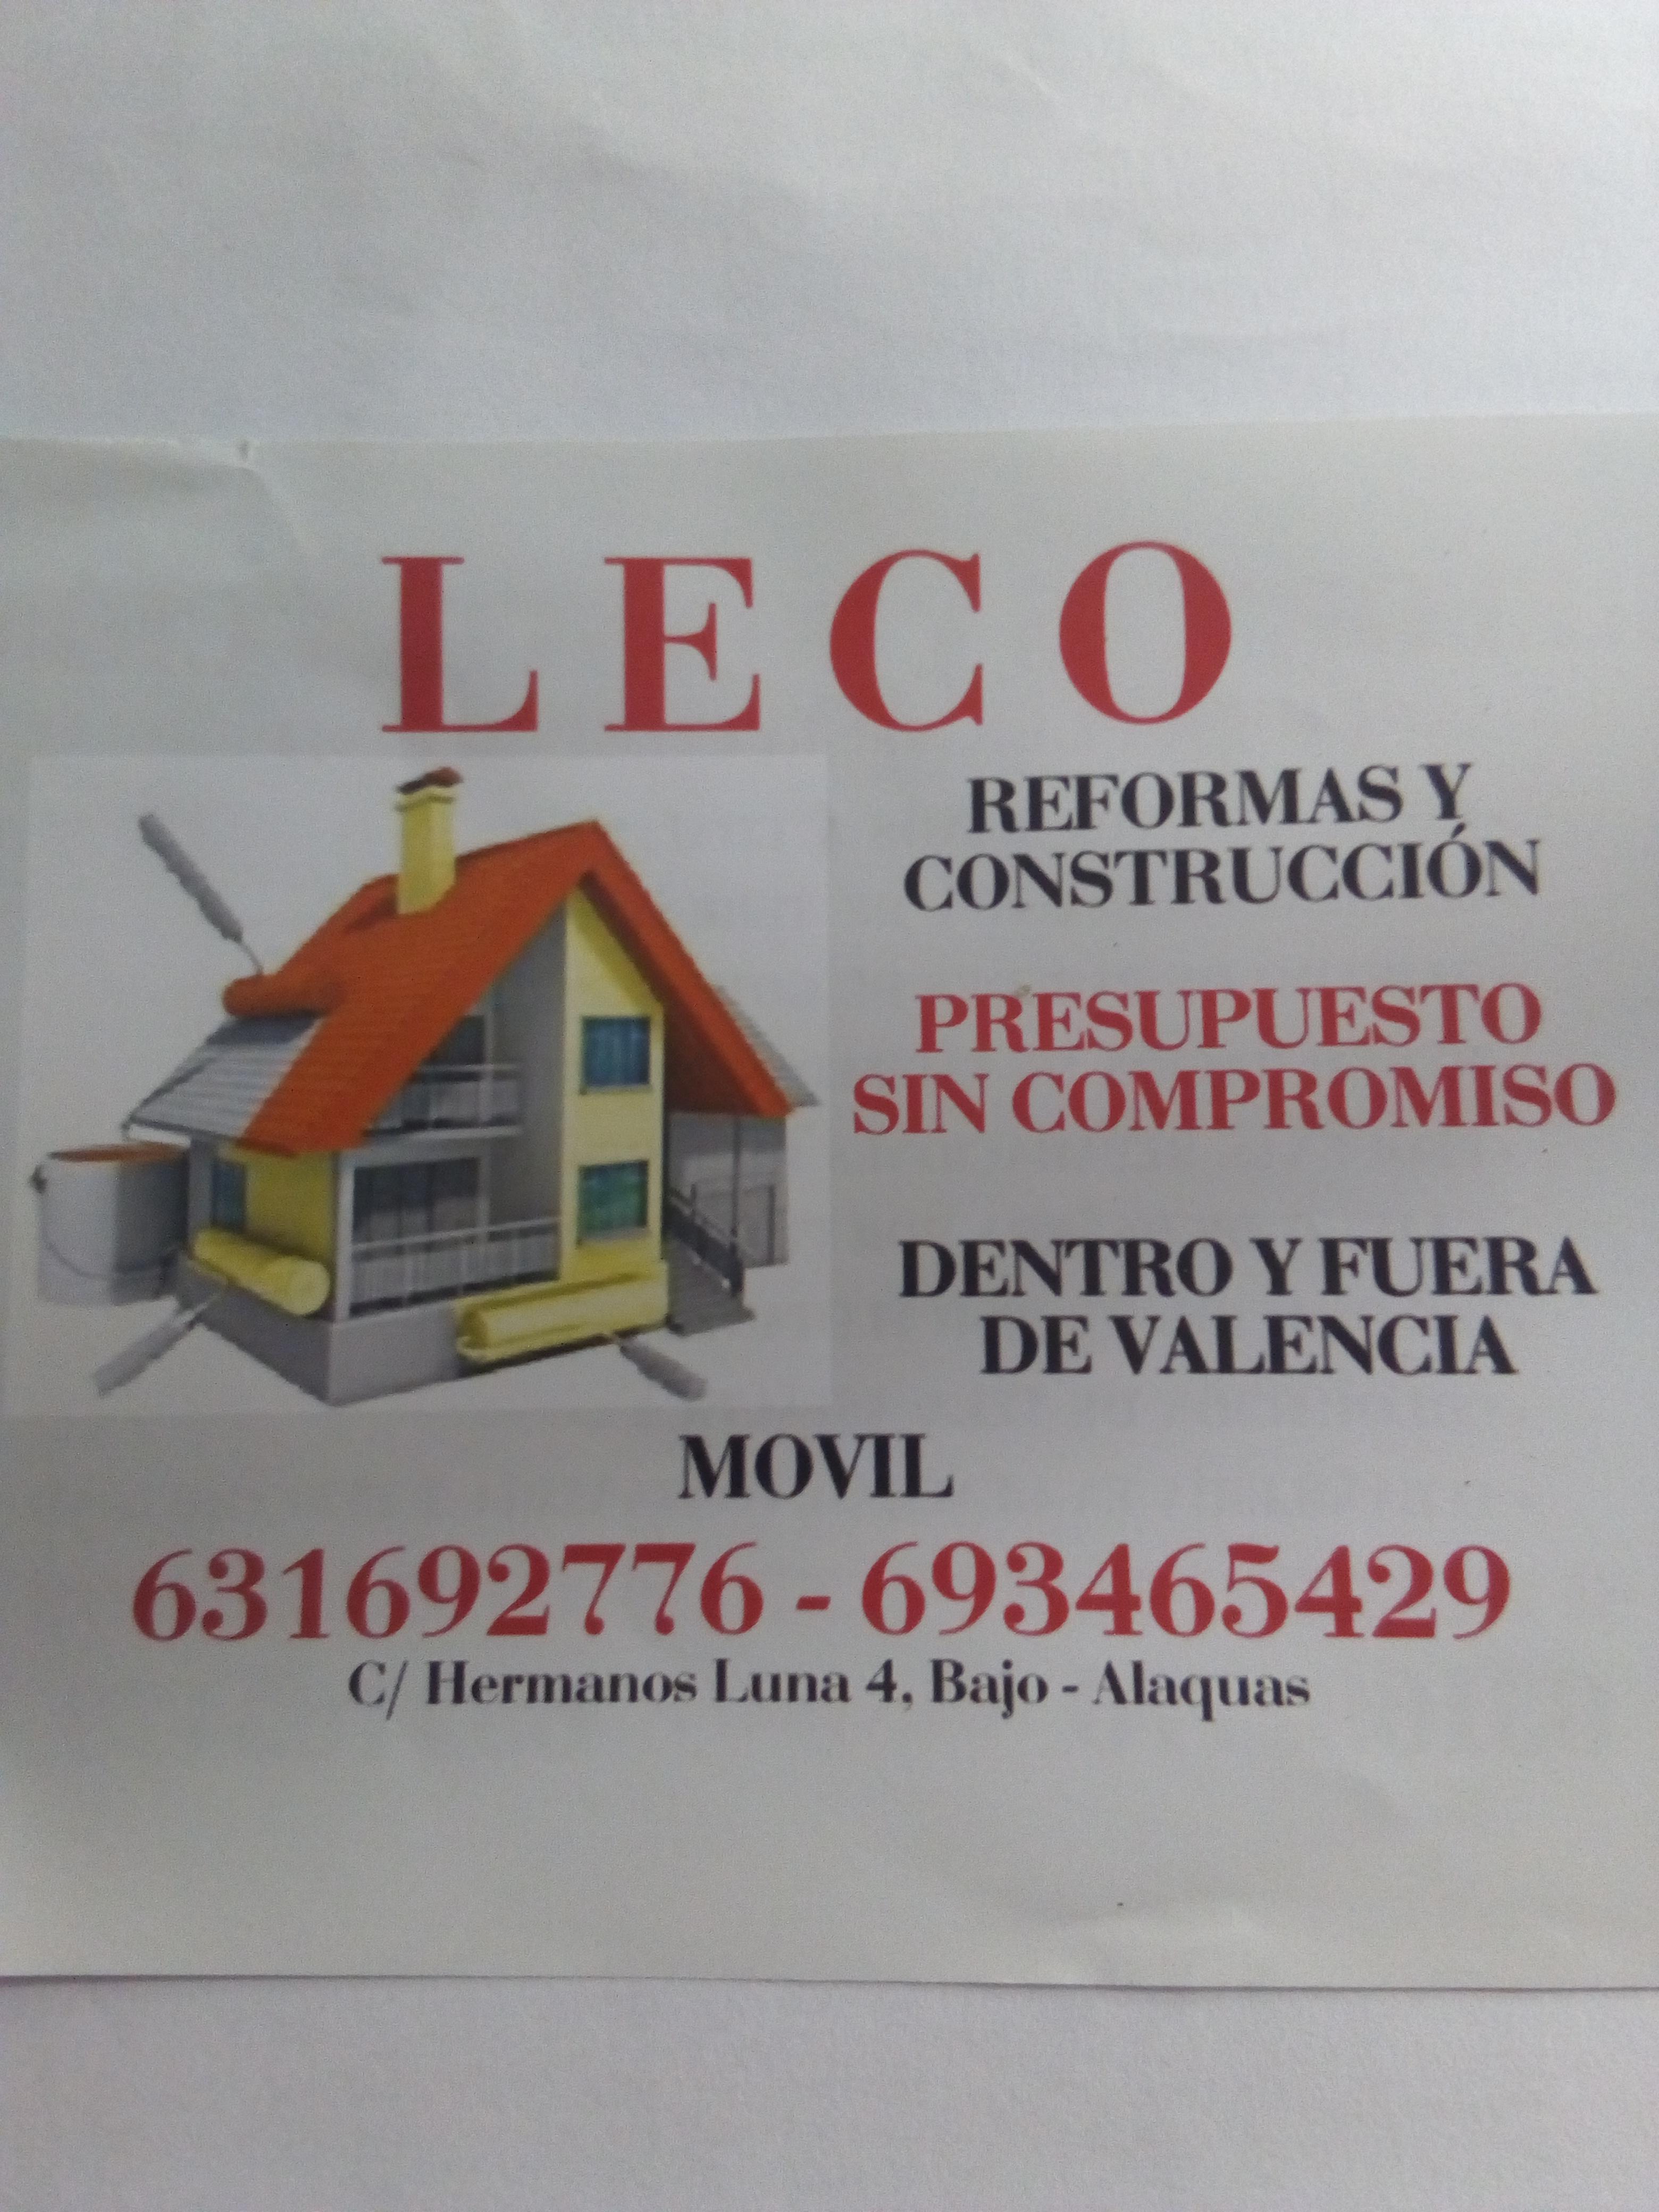 Leco S.l